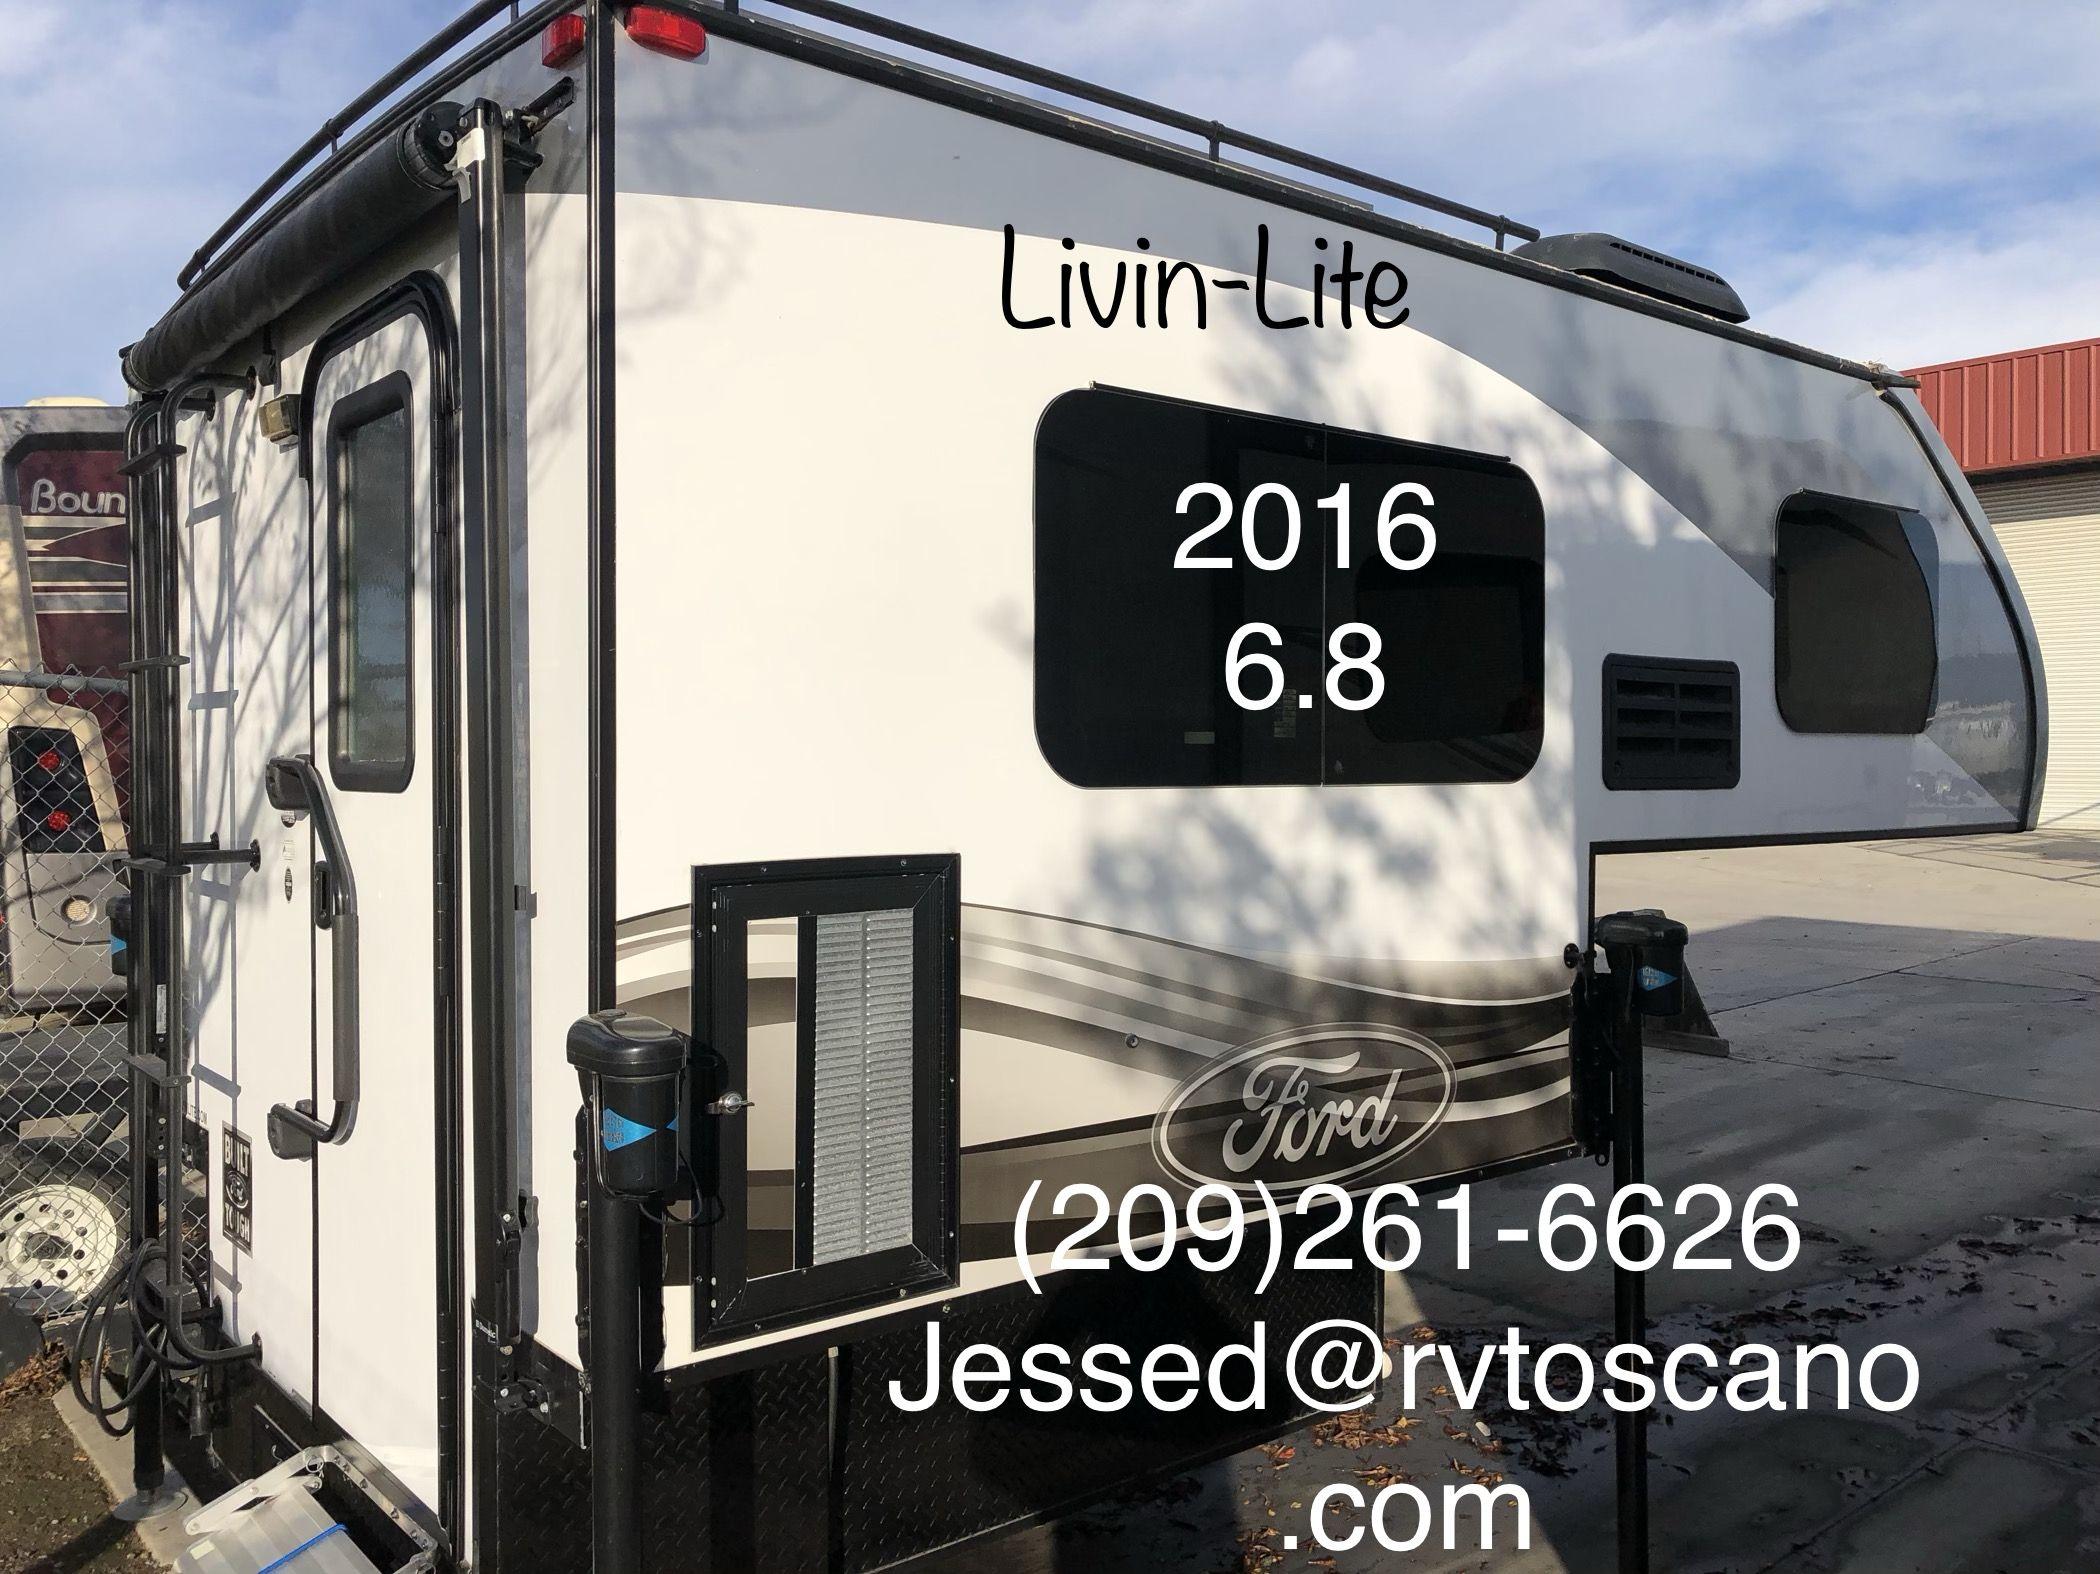 CLEAN USED 2016 LIVINLITE 6.8 TRUCK CAMPER FOR SHORT BED